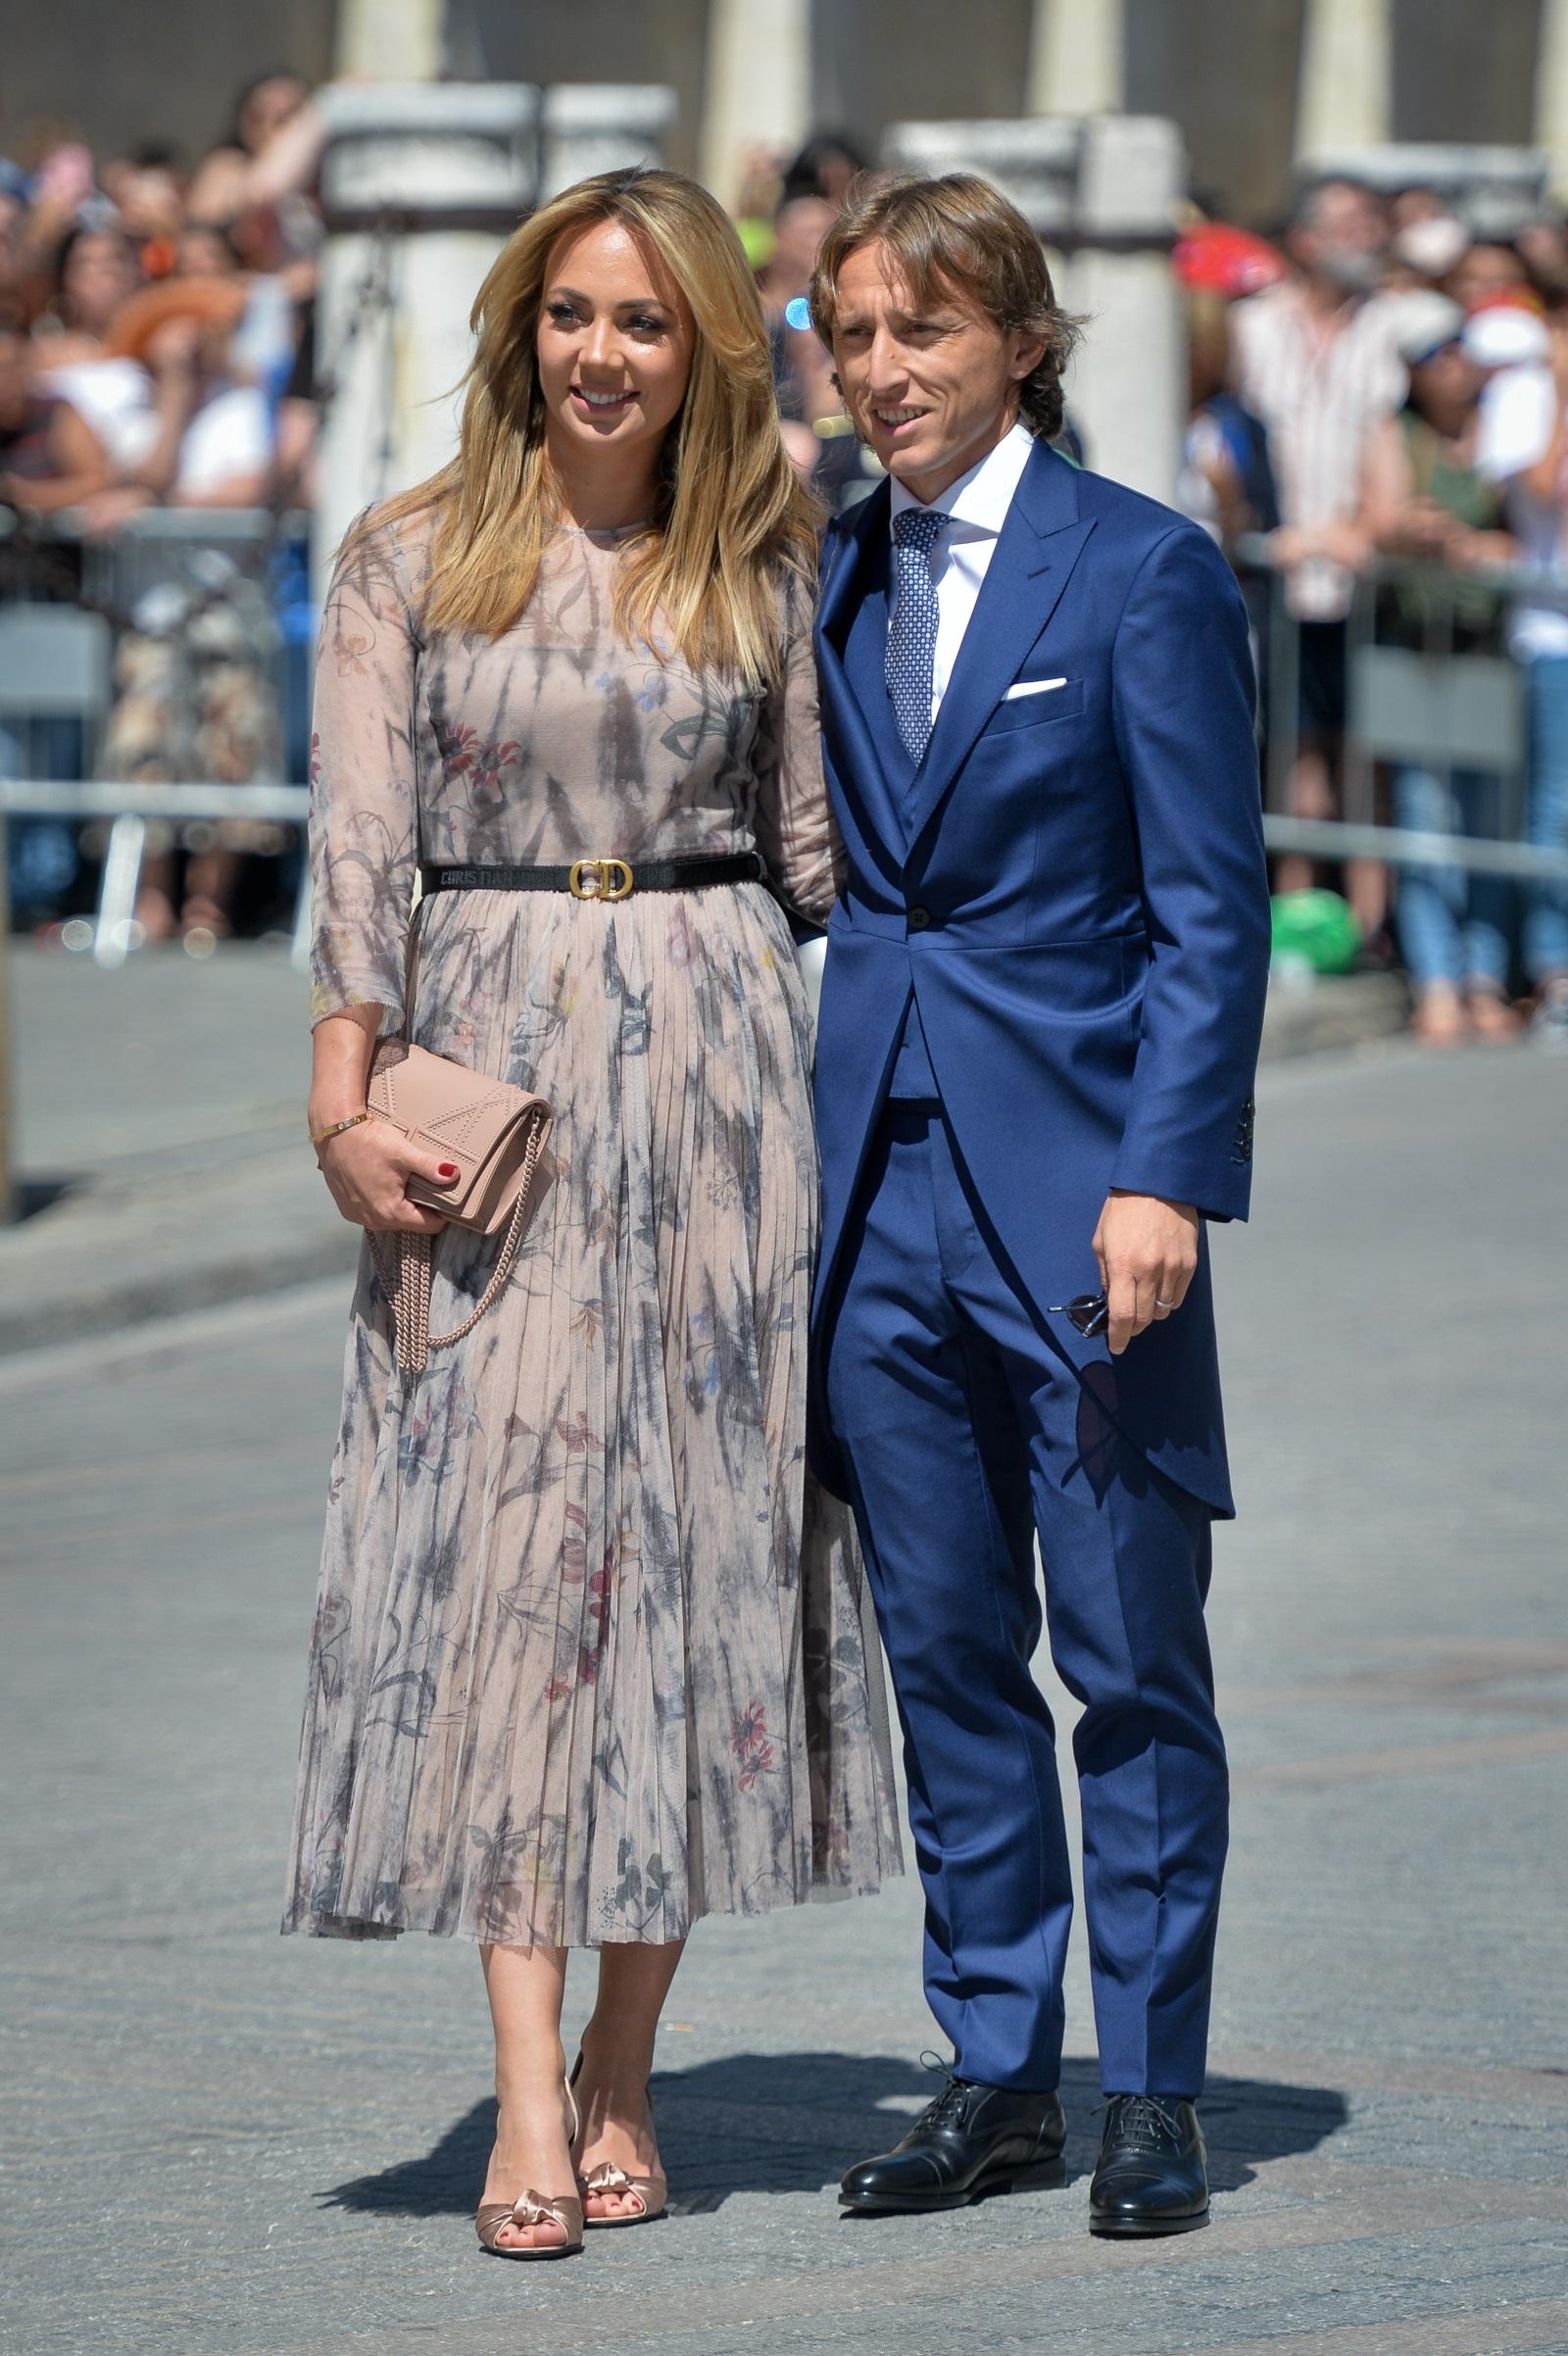 Сред гостите на сватбата бяха Лука Модрич и половинката муВаня Боснич